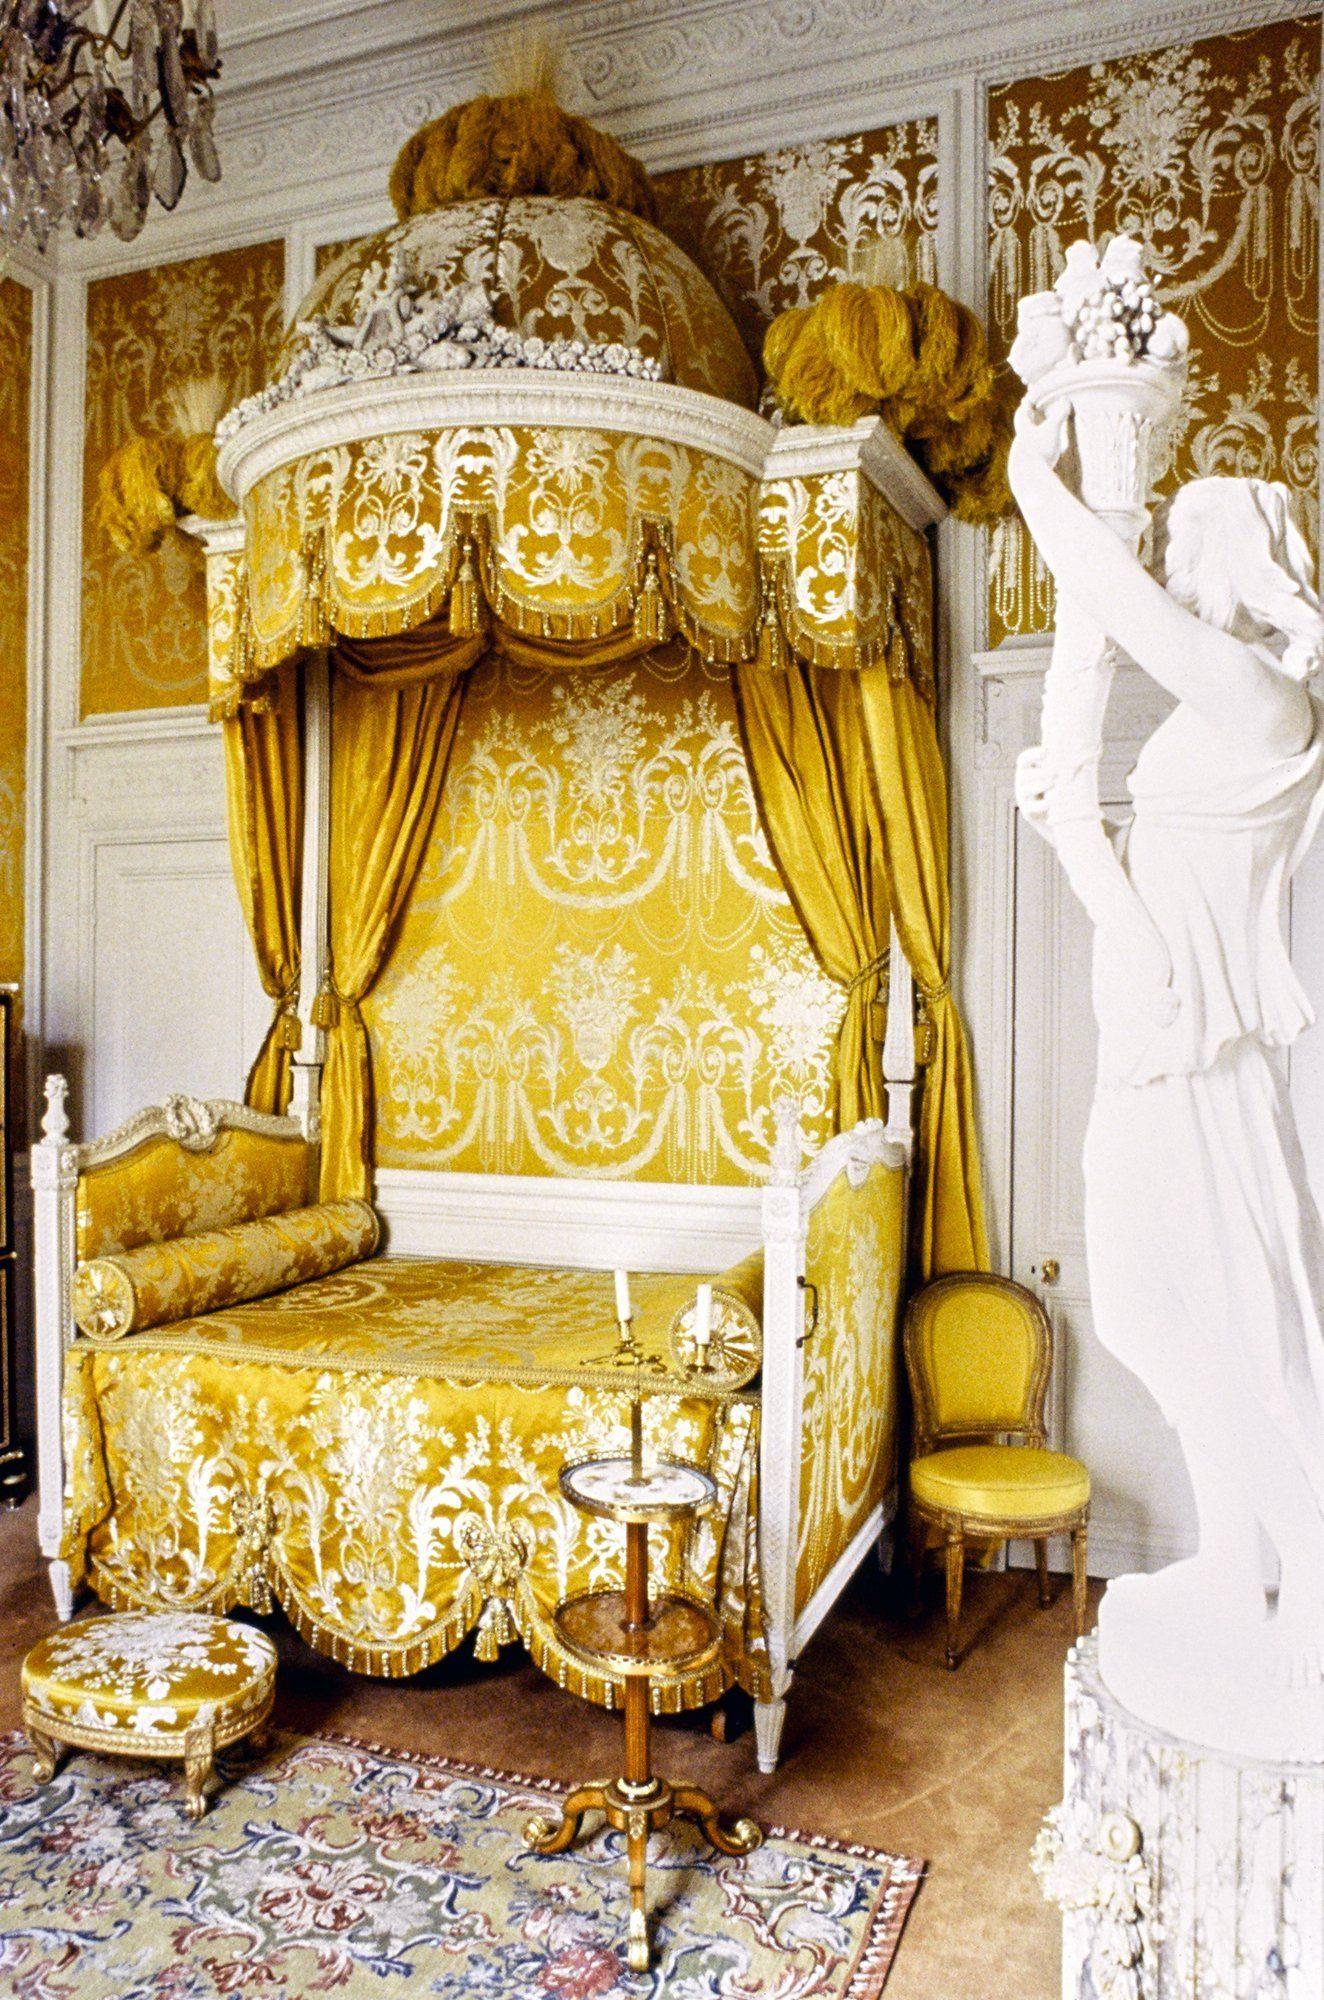 Внутреннее убранство дома в Монако, где преобладает версальский текстиль